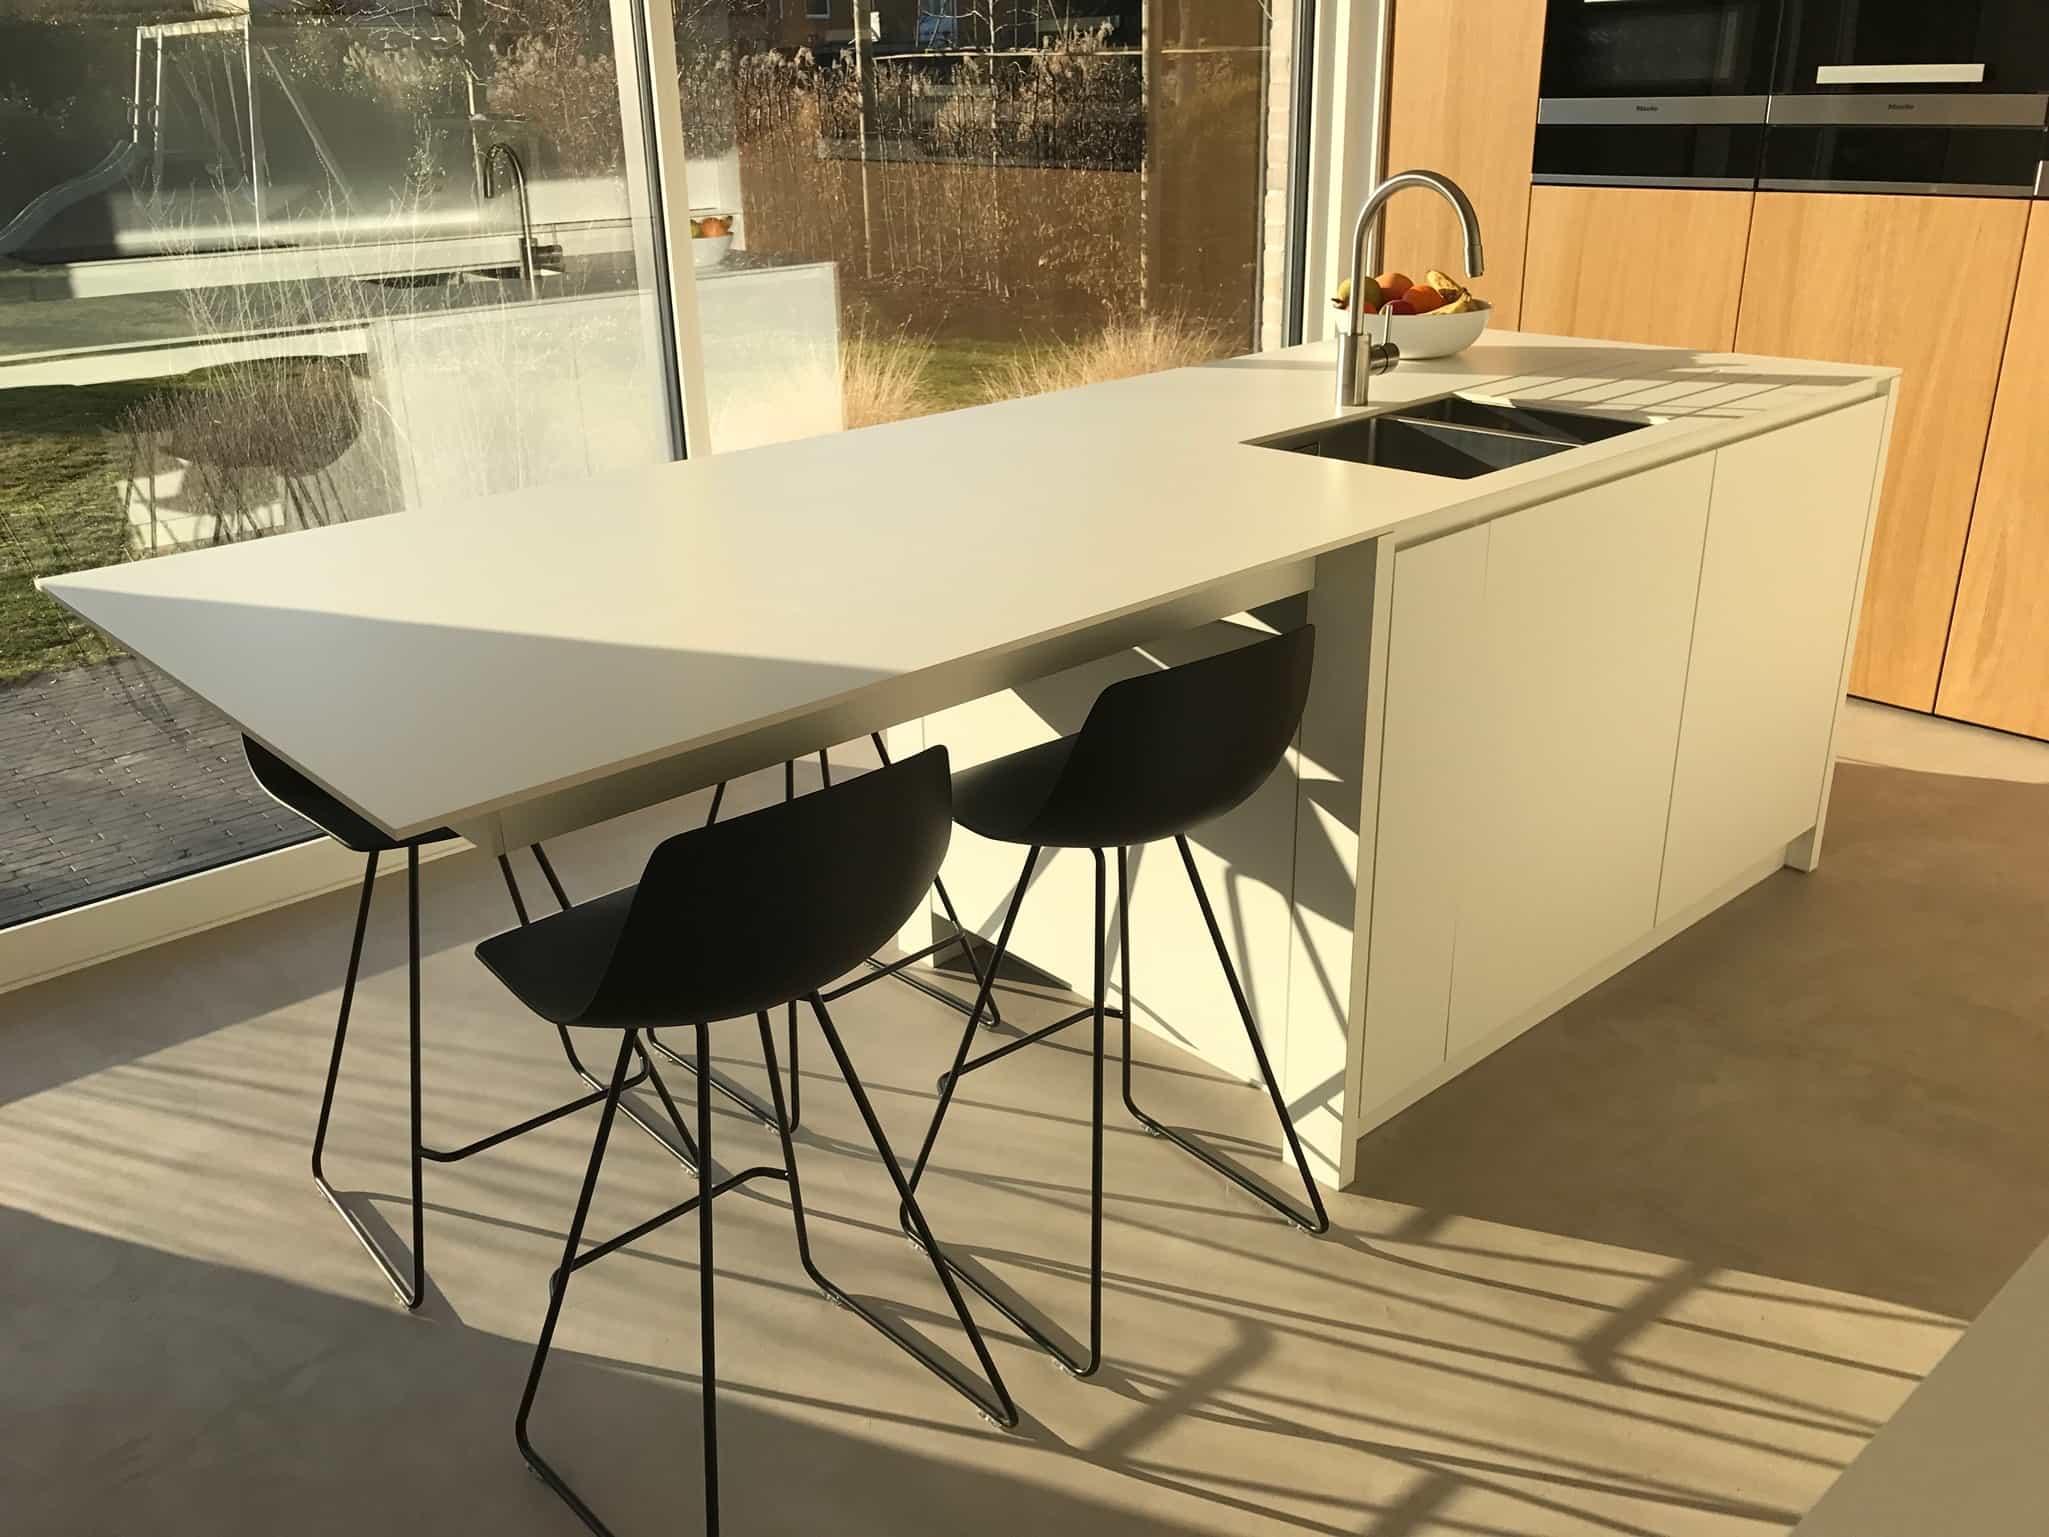 Witte Laminaat Keuken : Strakke keuken u eik fineer u wit laminaat u destelbergen dl